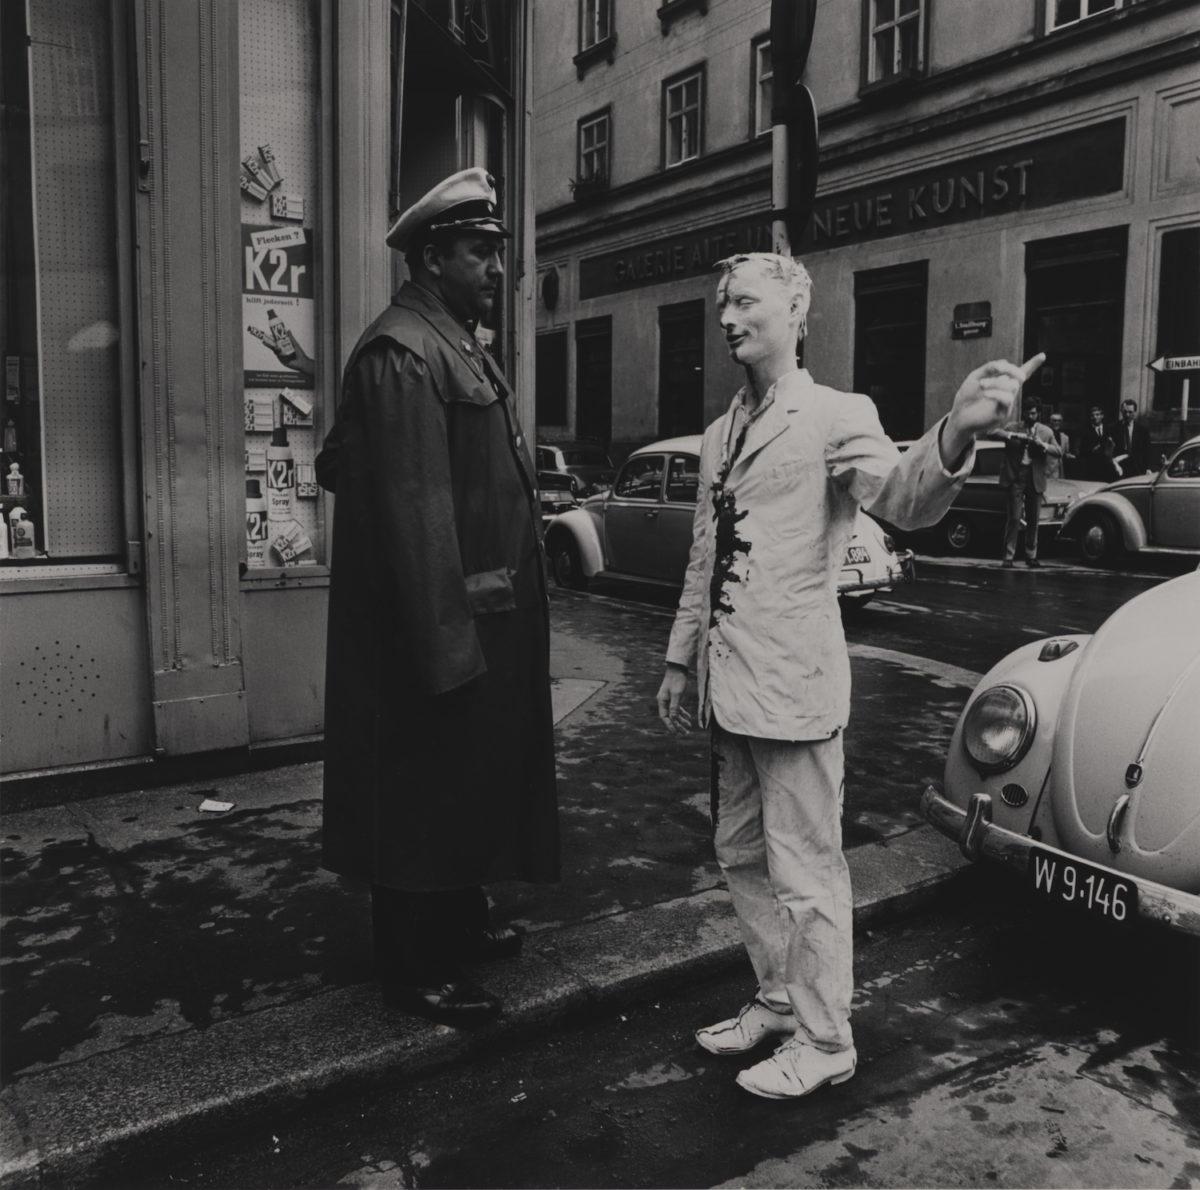 Günter Brus, Wiener Spaziergang, 1965. SW-Fotografien, Sammlung Günter Brus. Foto: Ludwig Hoffenreich, © Günter Brus